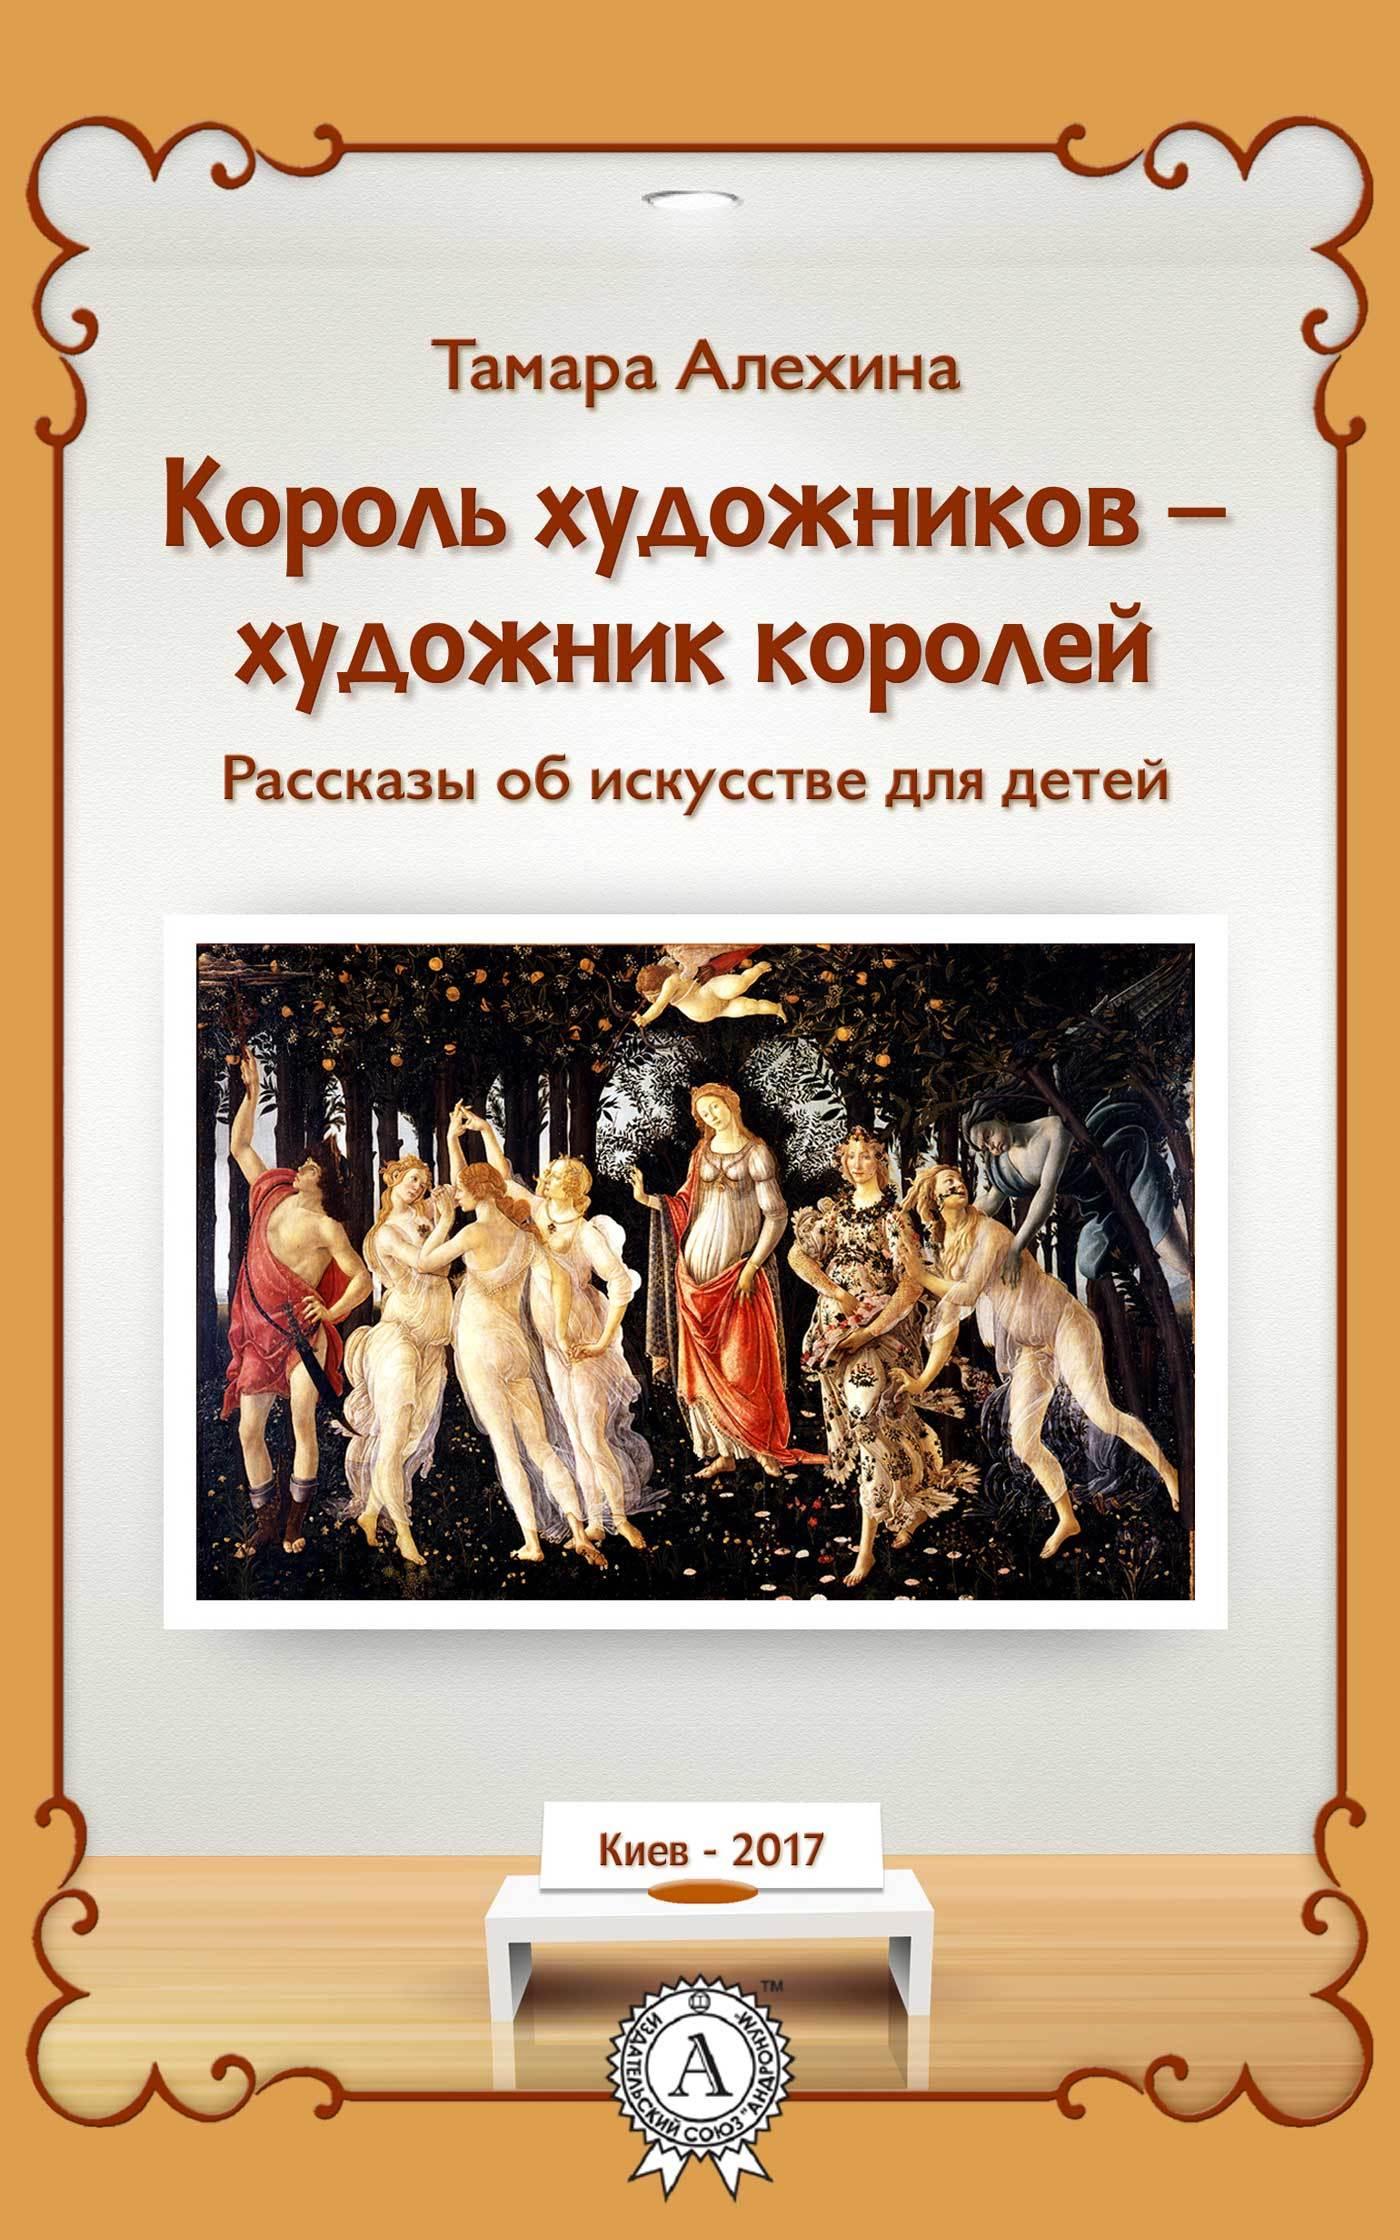 Тамара Алехина Король художников – художник королей printio король королей